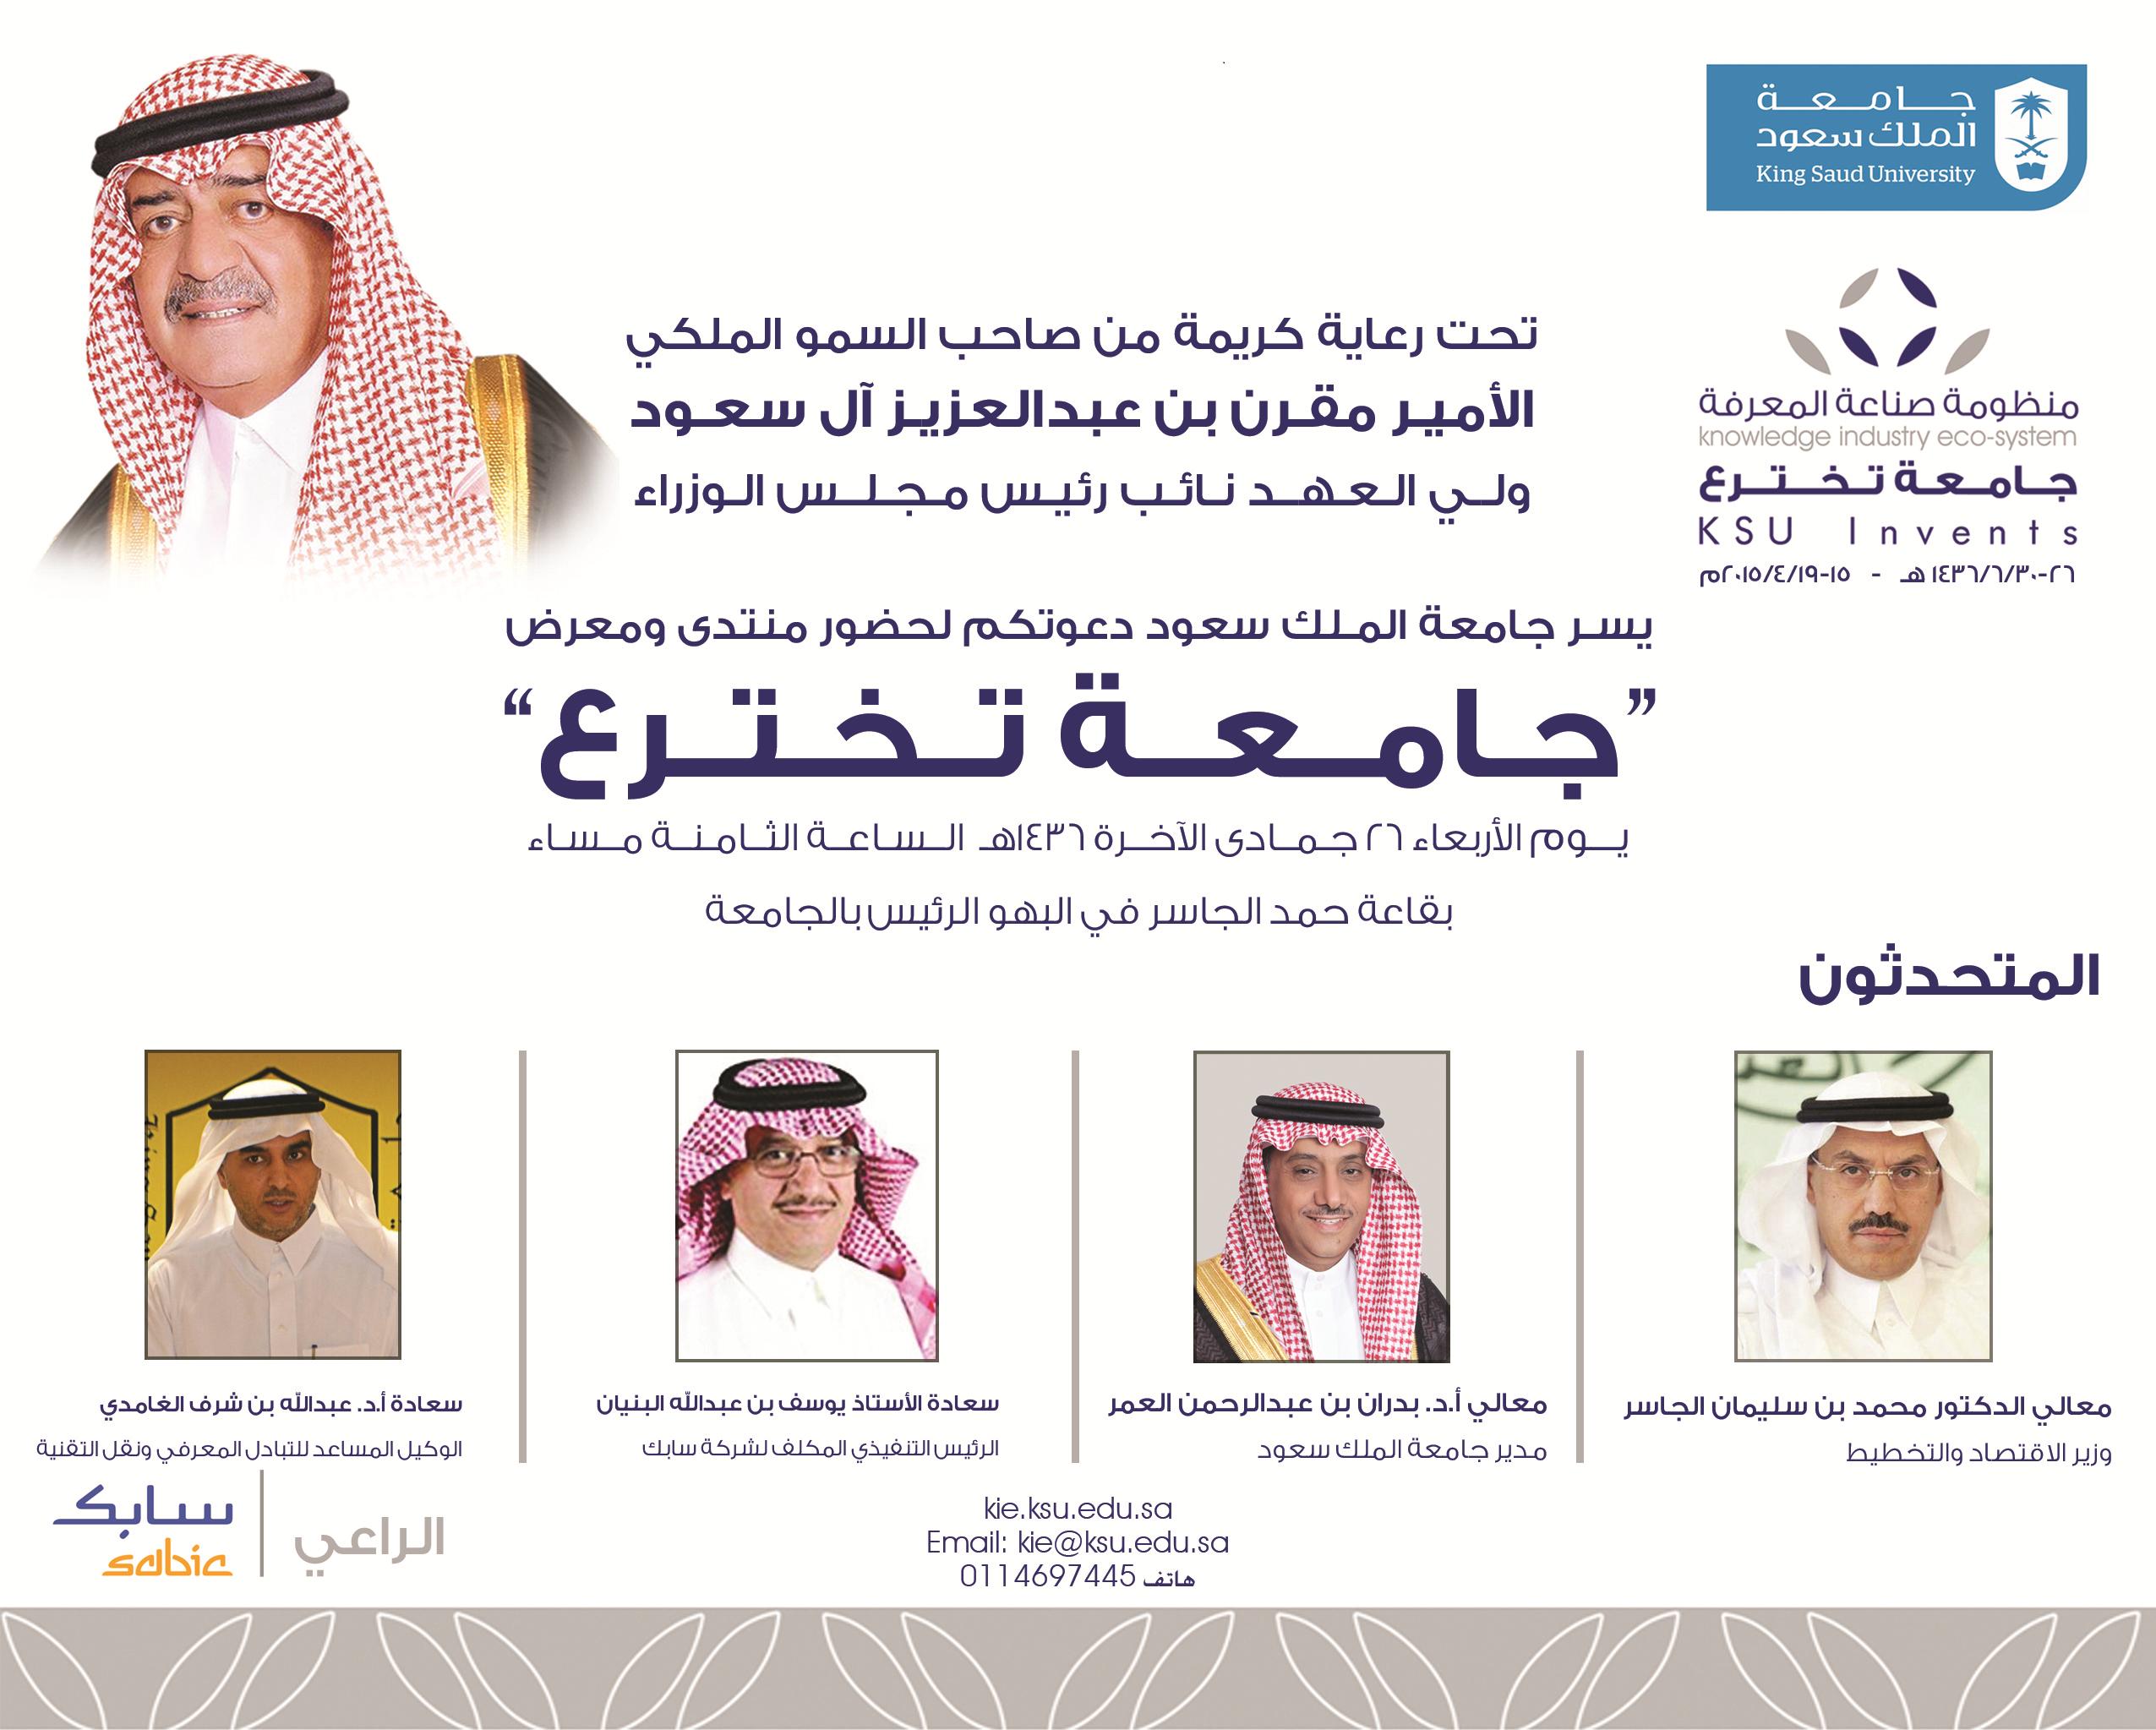 اعلان معرض جامعة تخترع